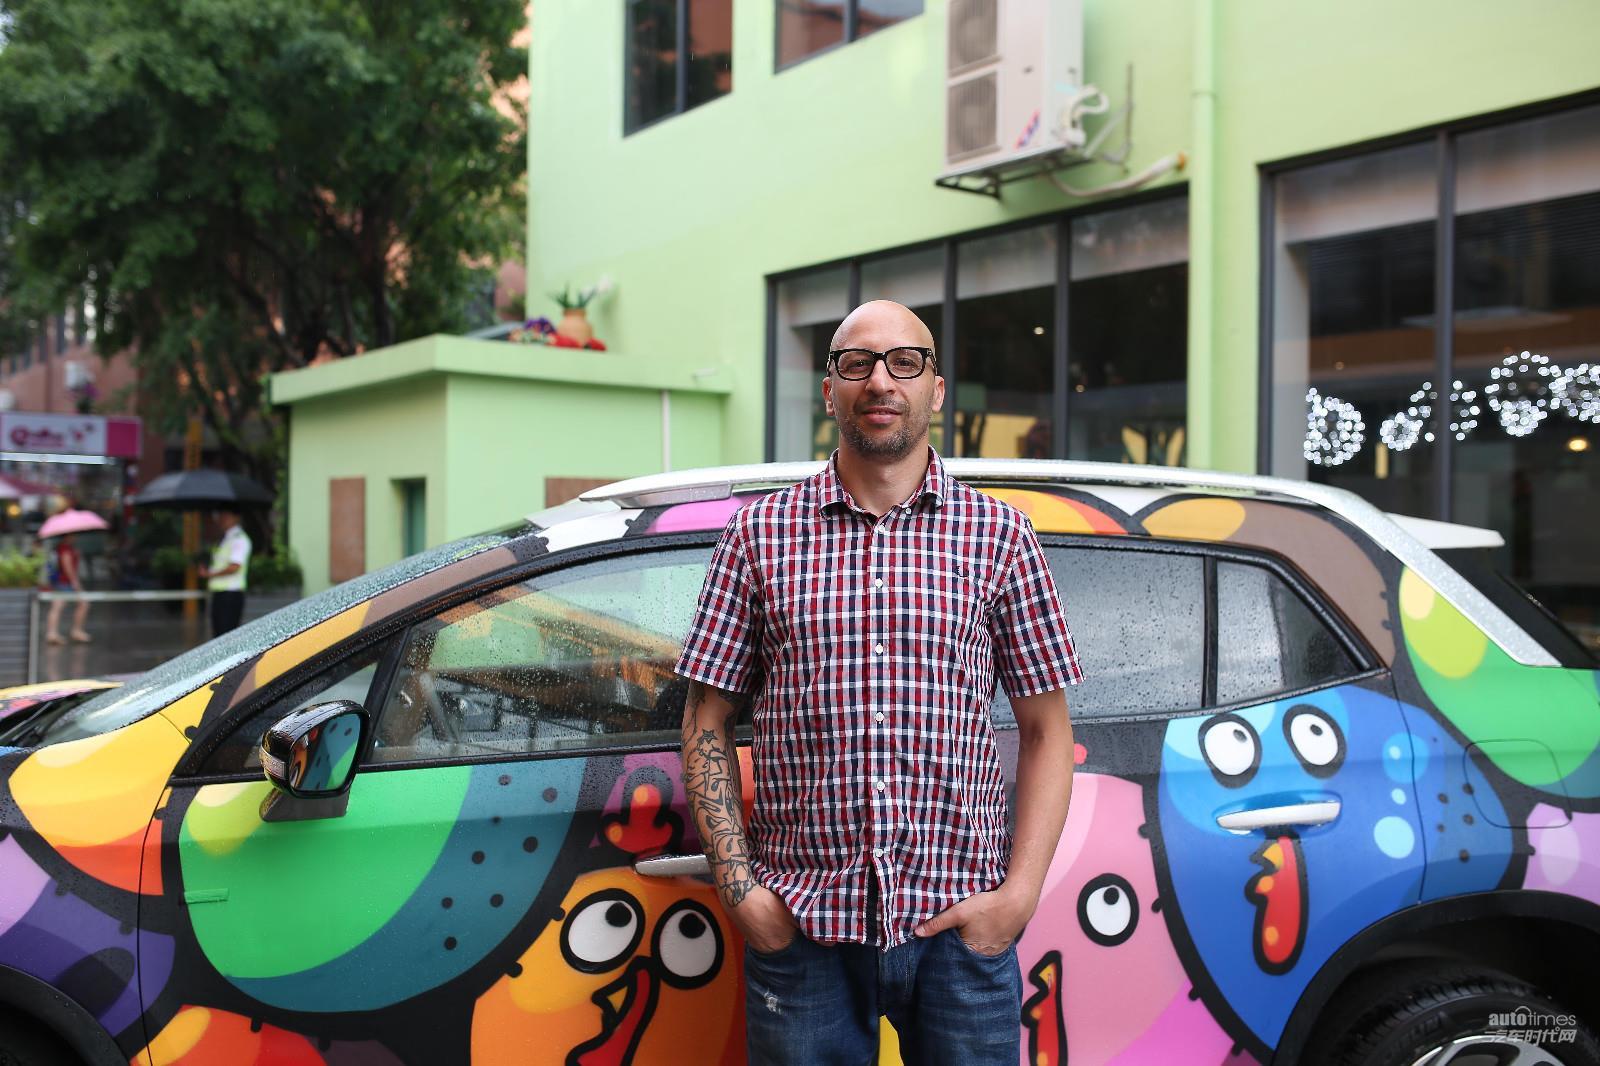 DS大玩车身涂鸦  法国艺术家跨界打造另类前卫